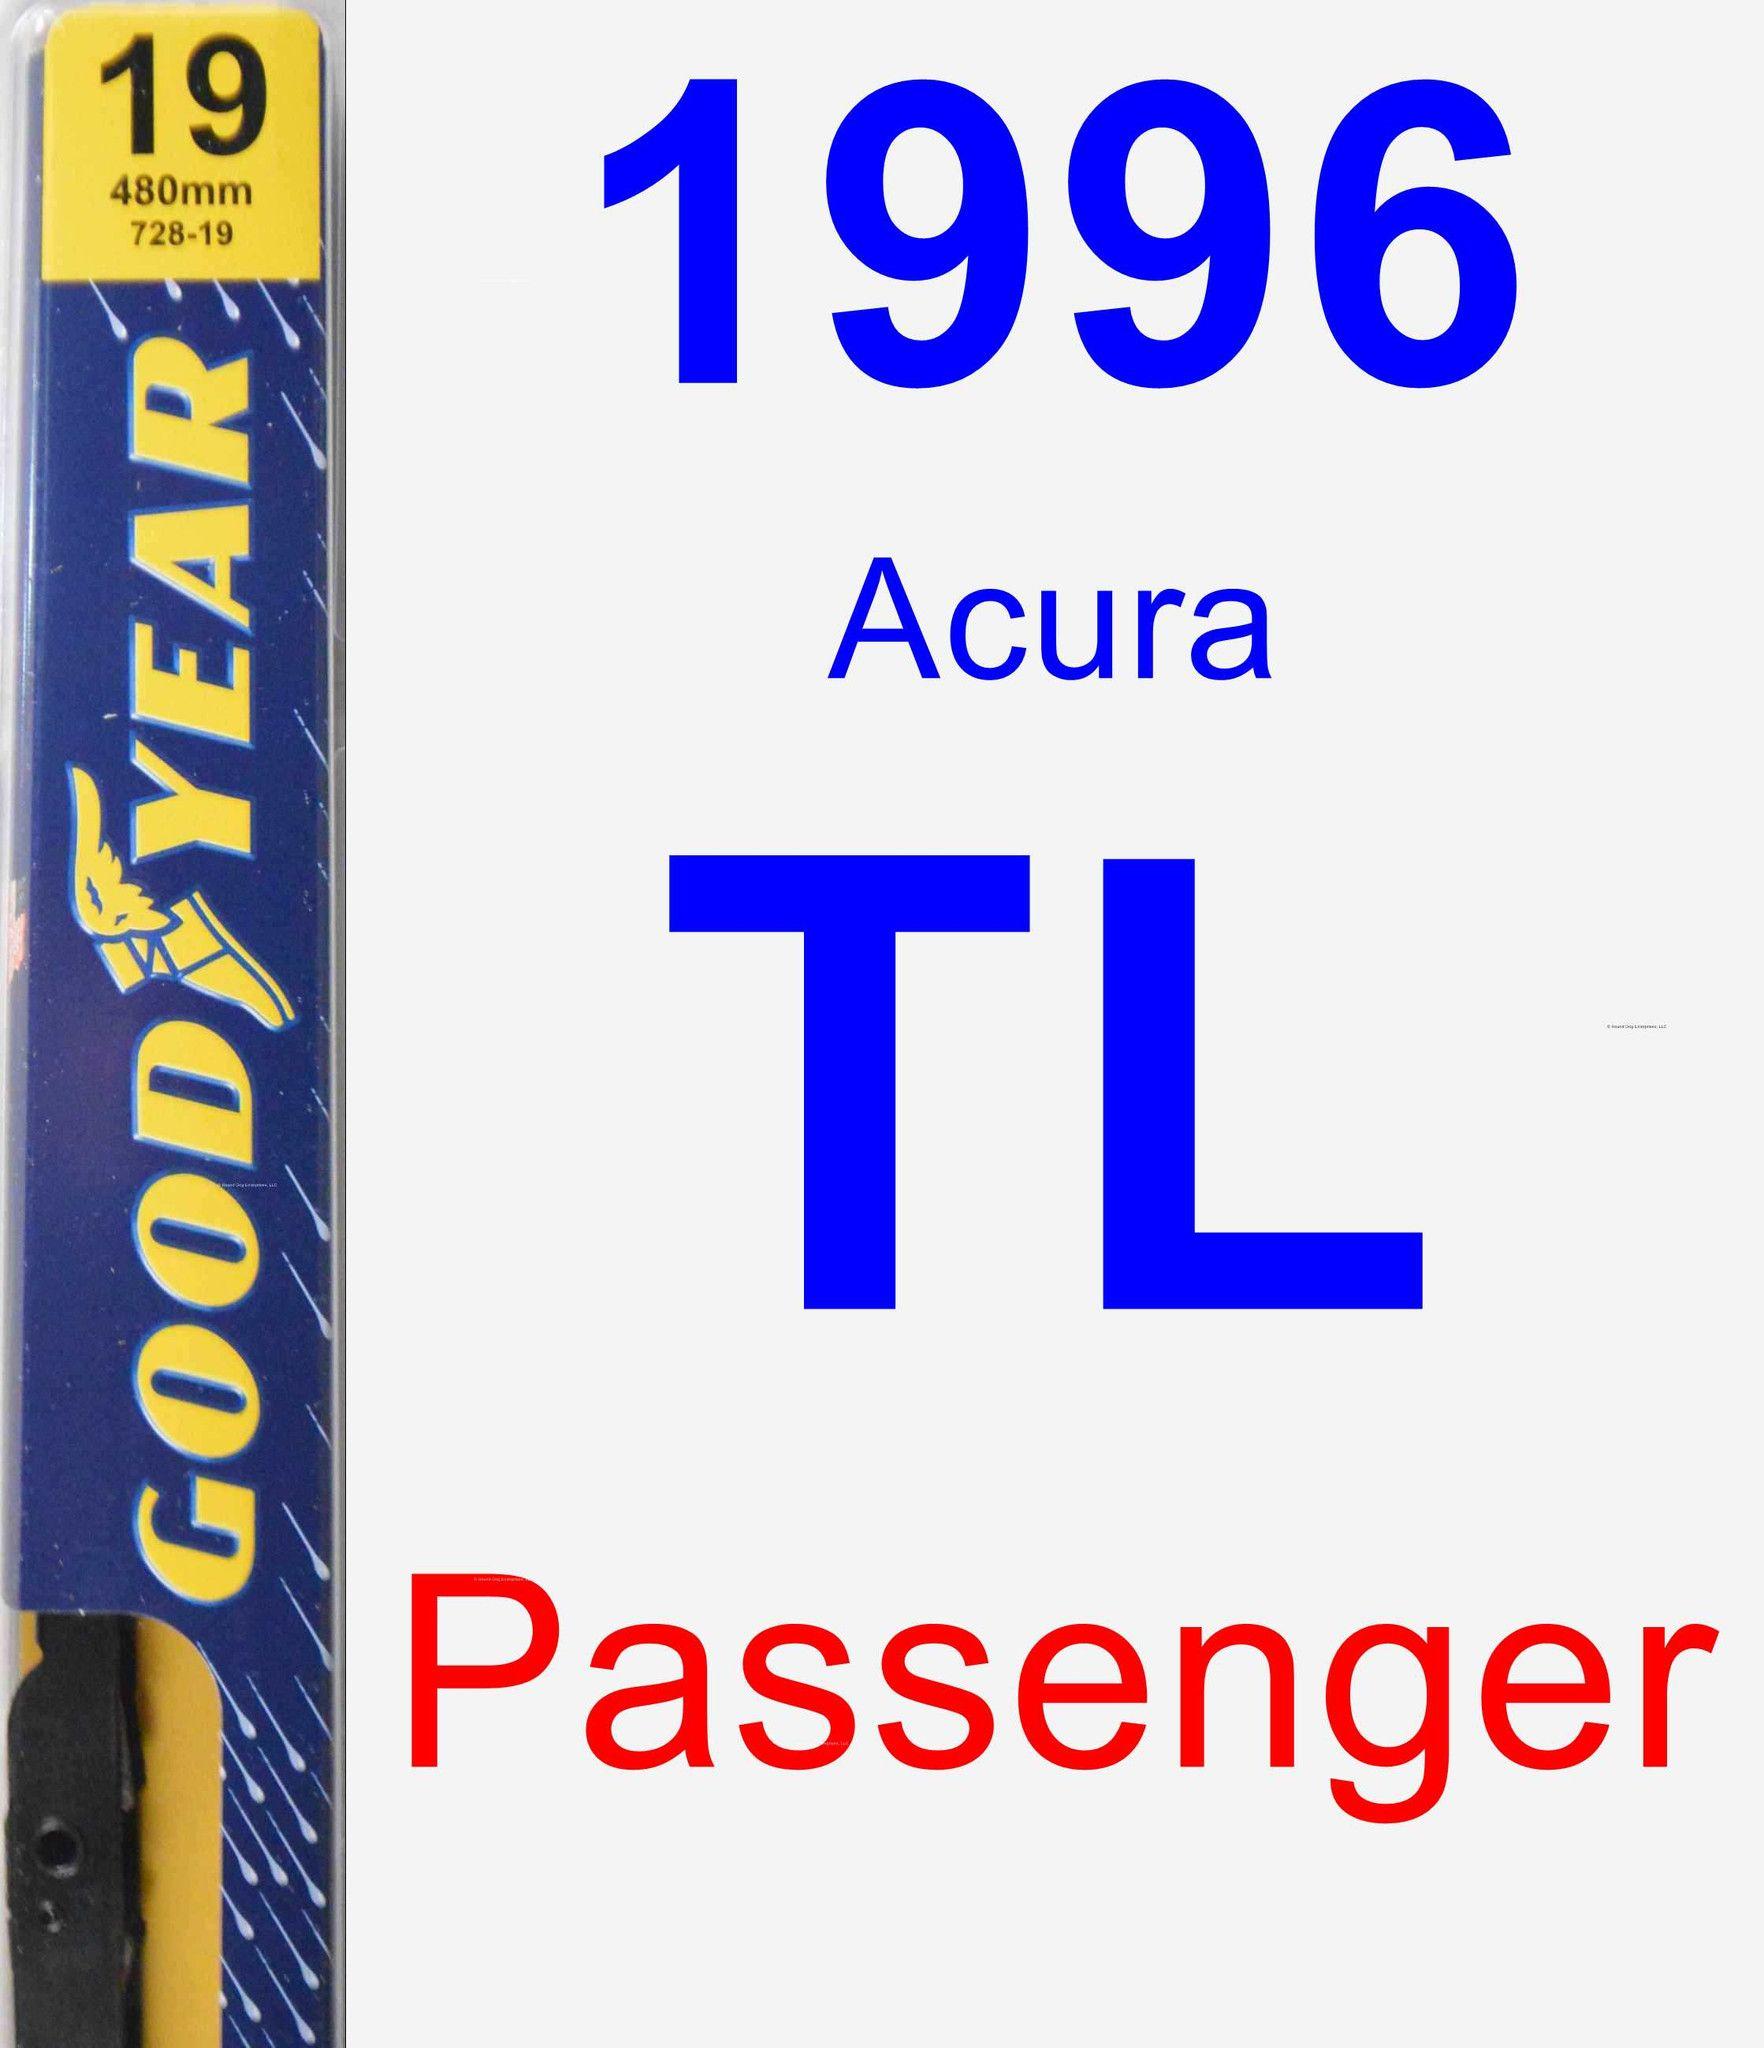 Passenger Wiper Blade For 1996 Acura TL - Premium